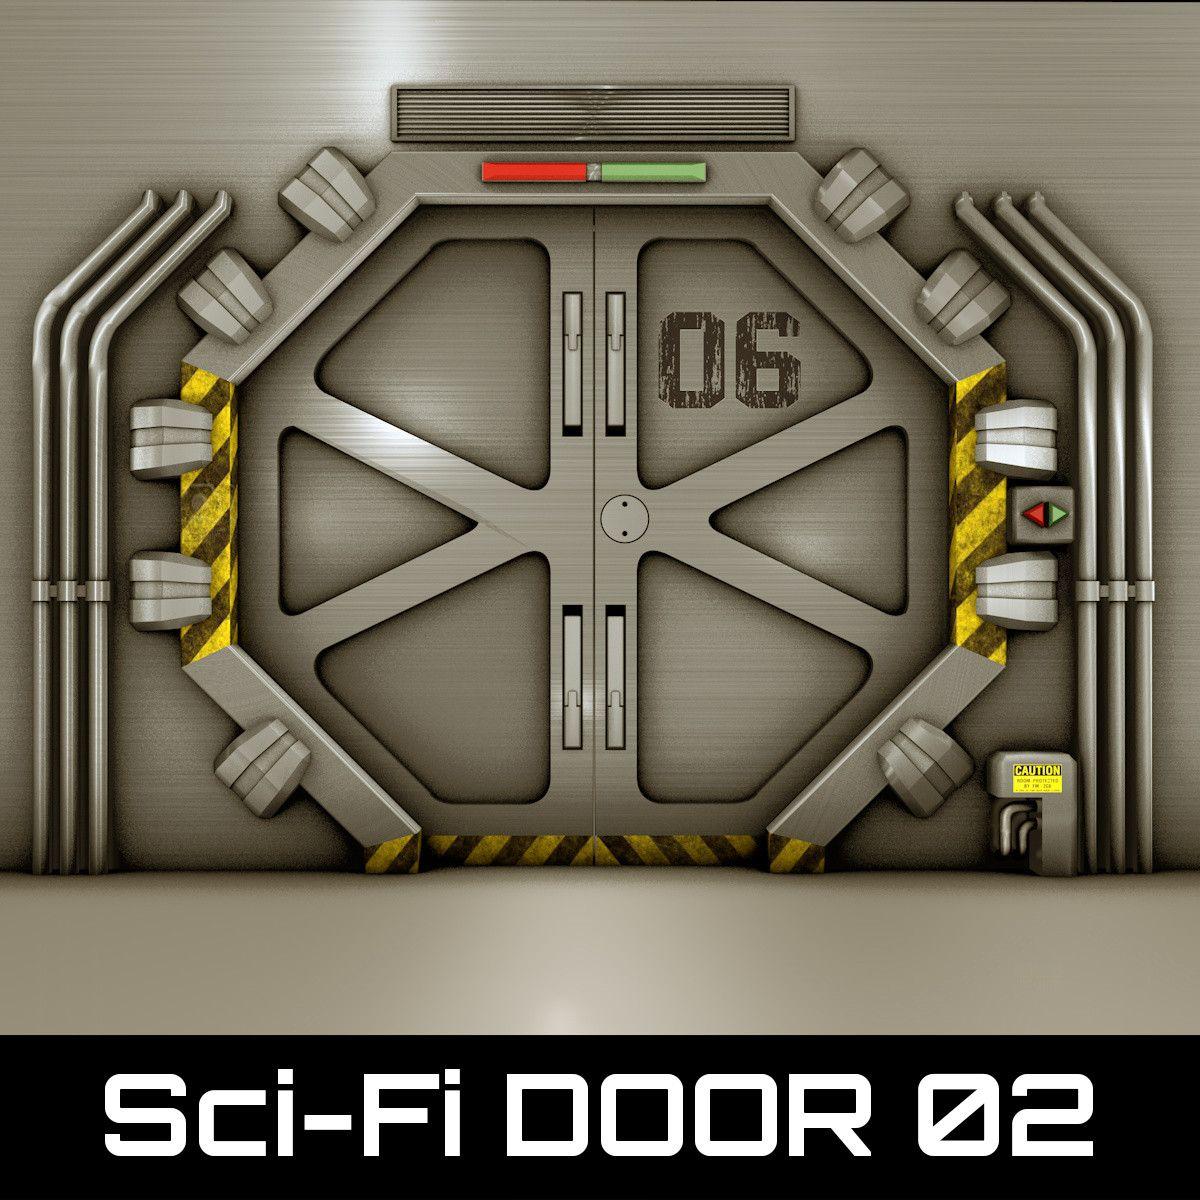 spacecraft door - Buscar con Google